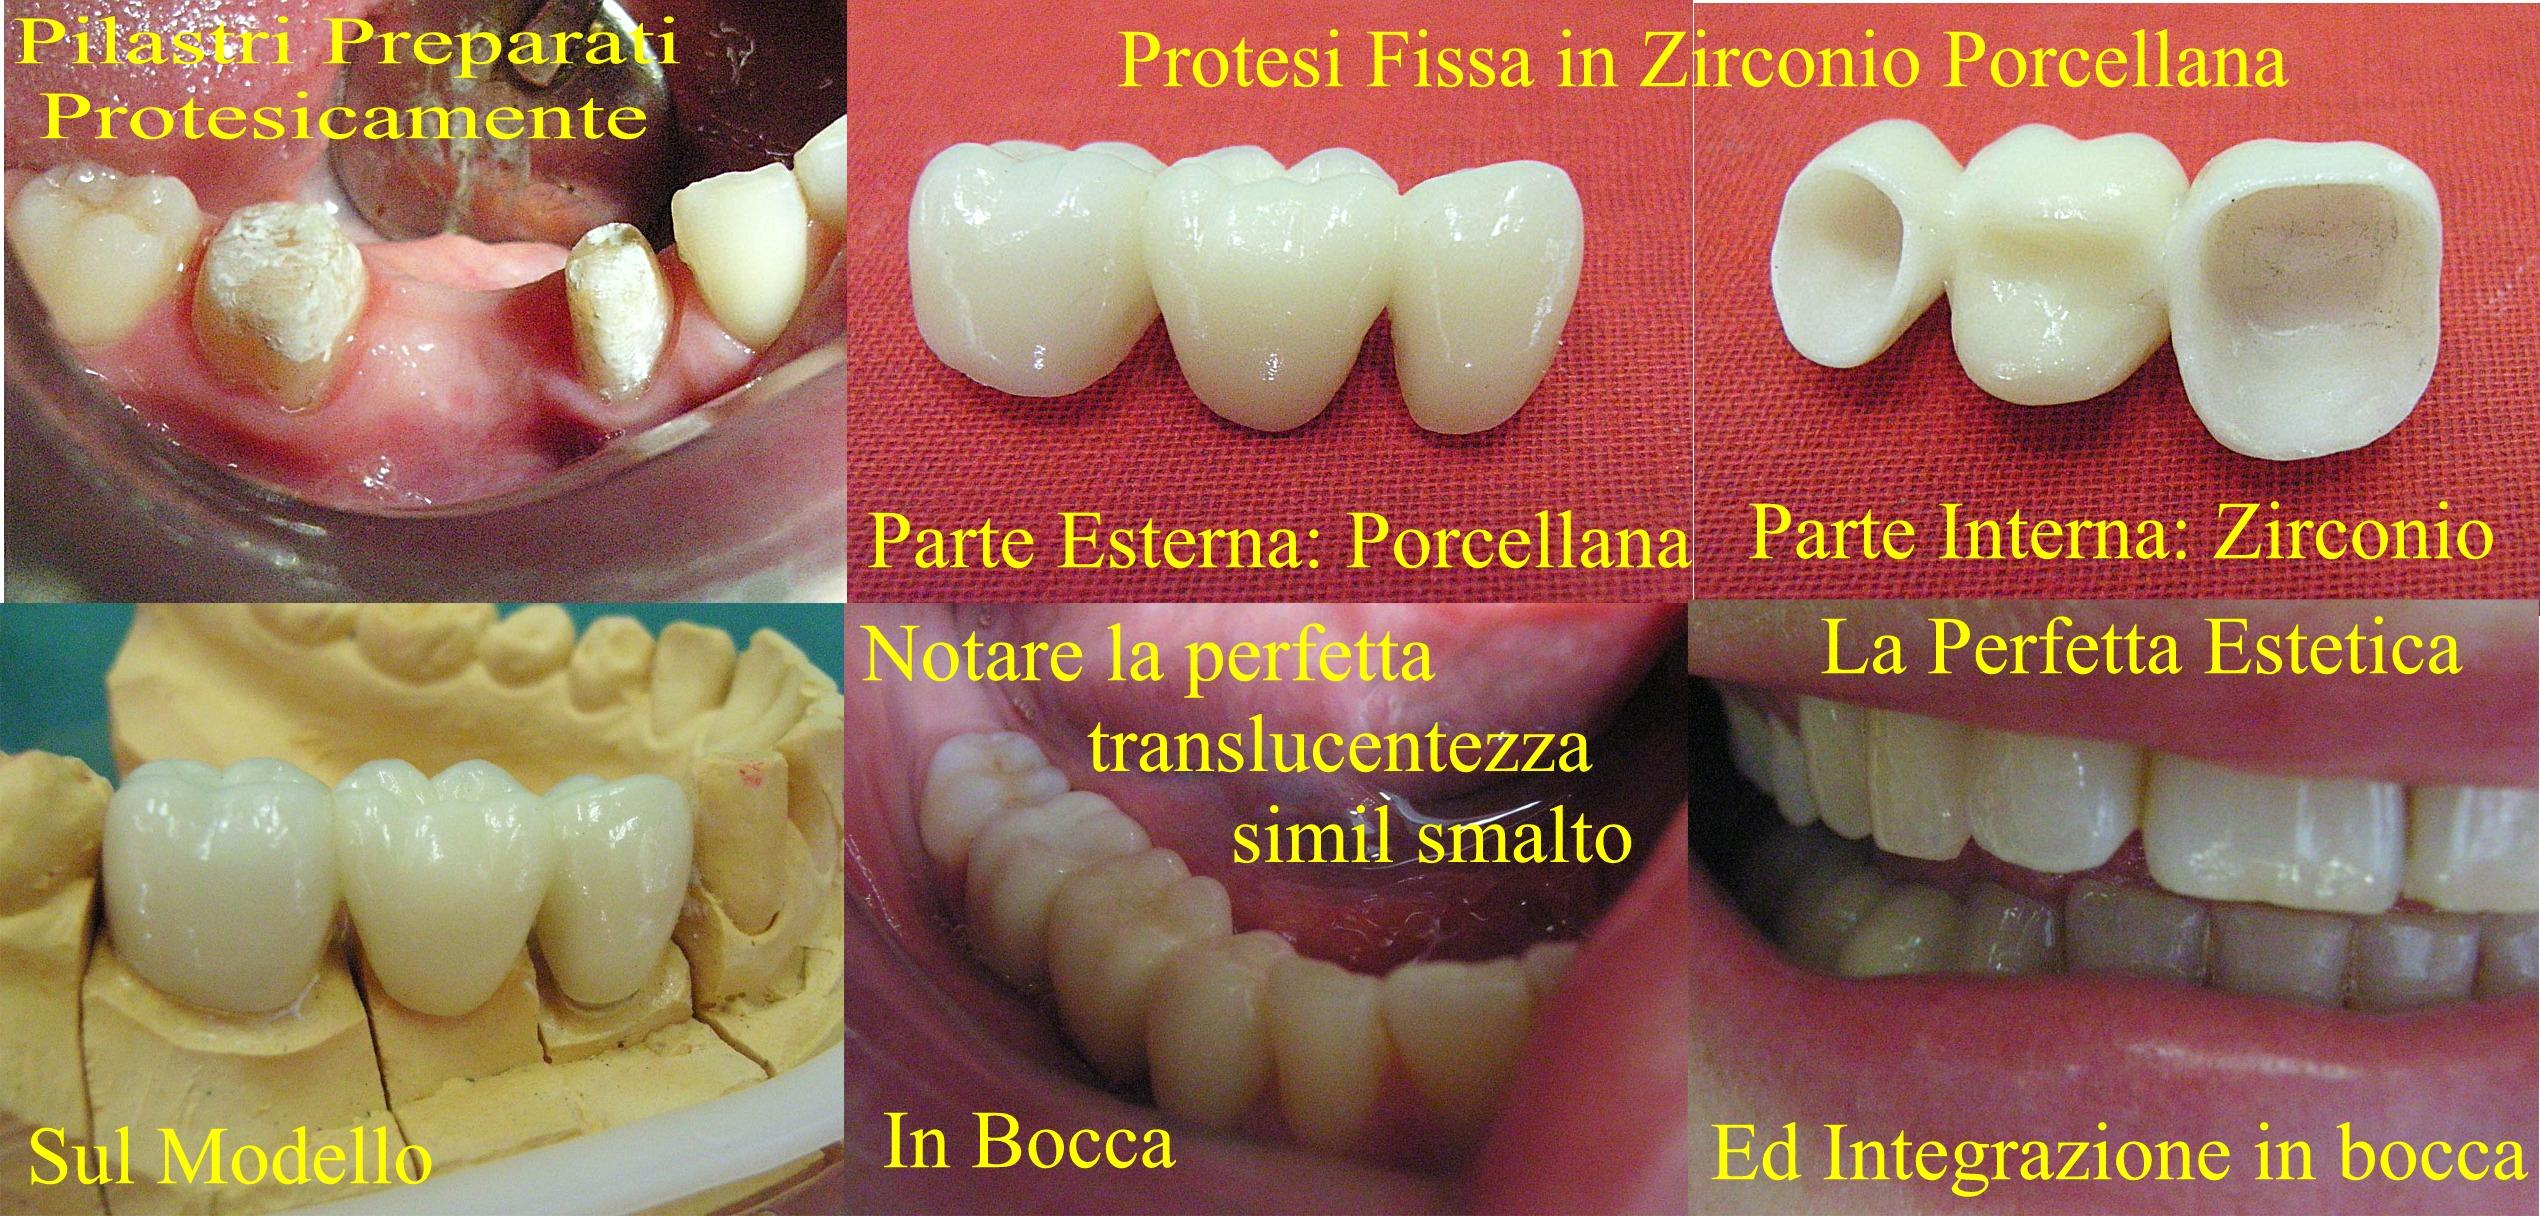 Chiara170111.jpg